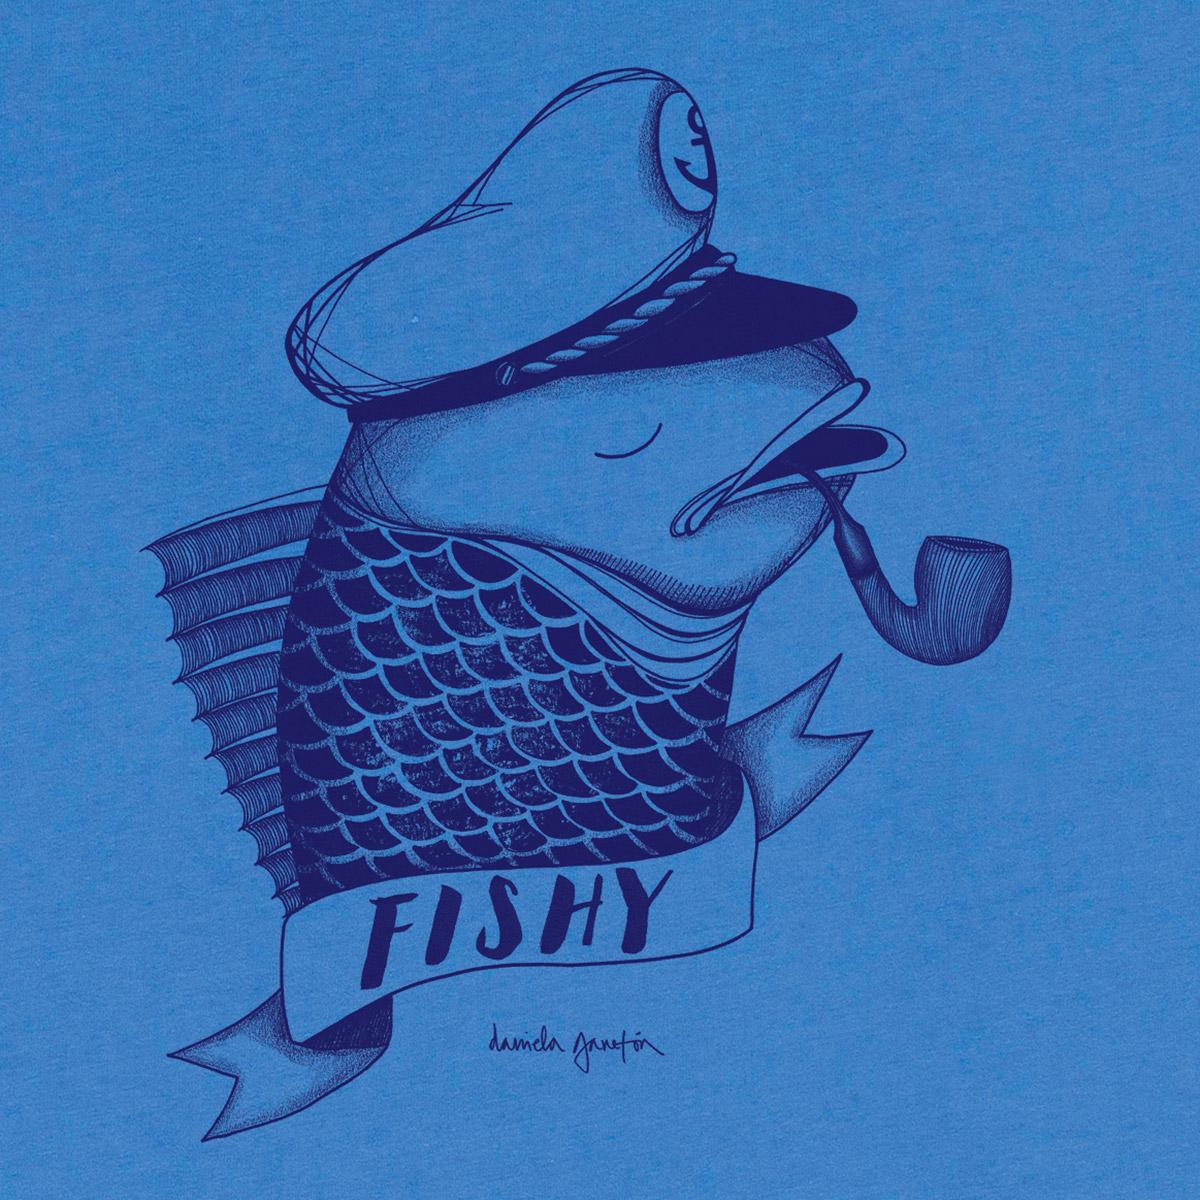 T-shirt en coton bio blue fishy - Bask in the Sun num 1